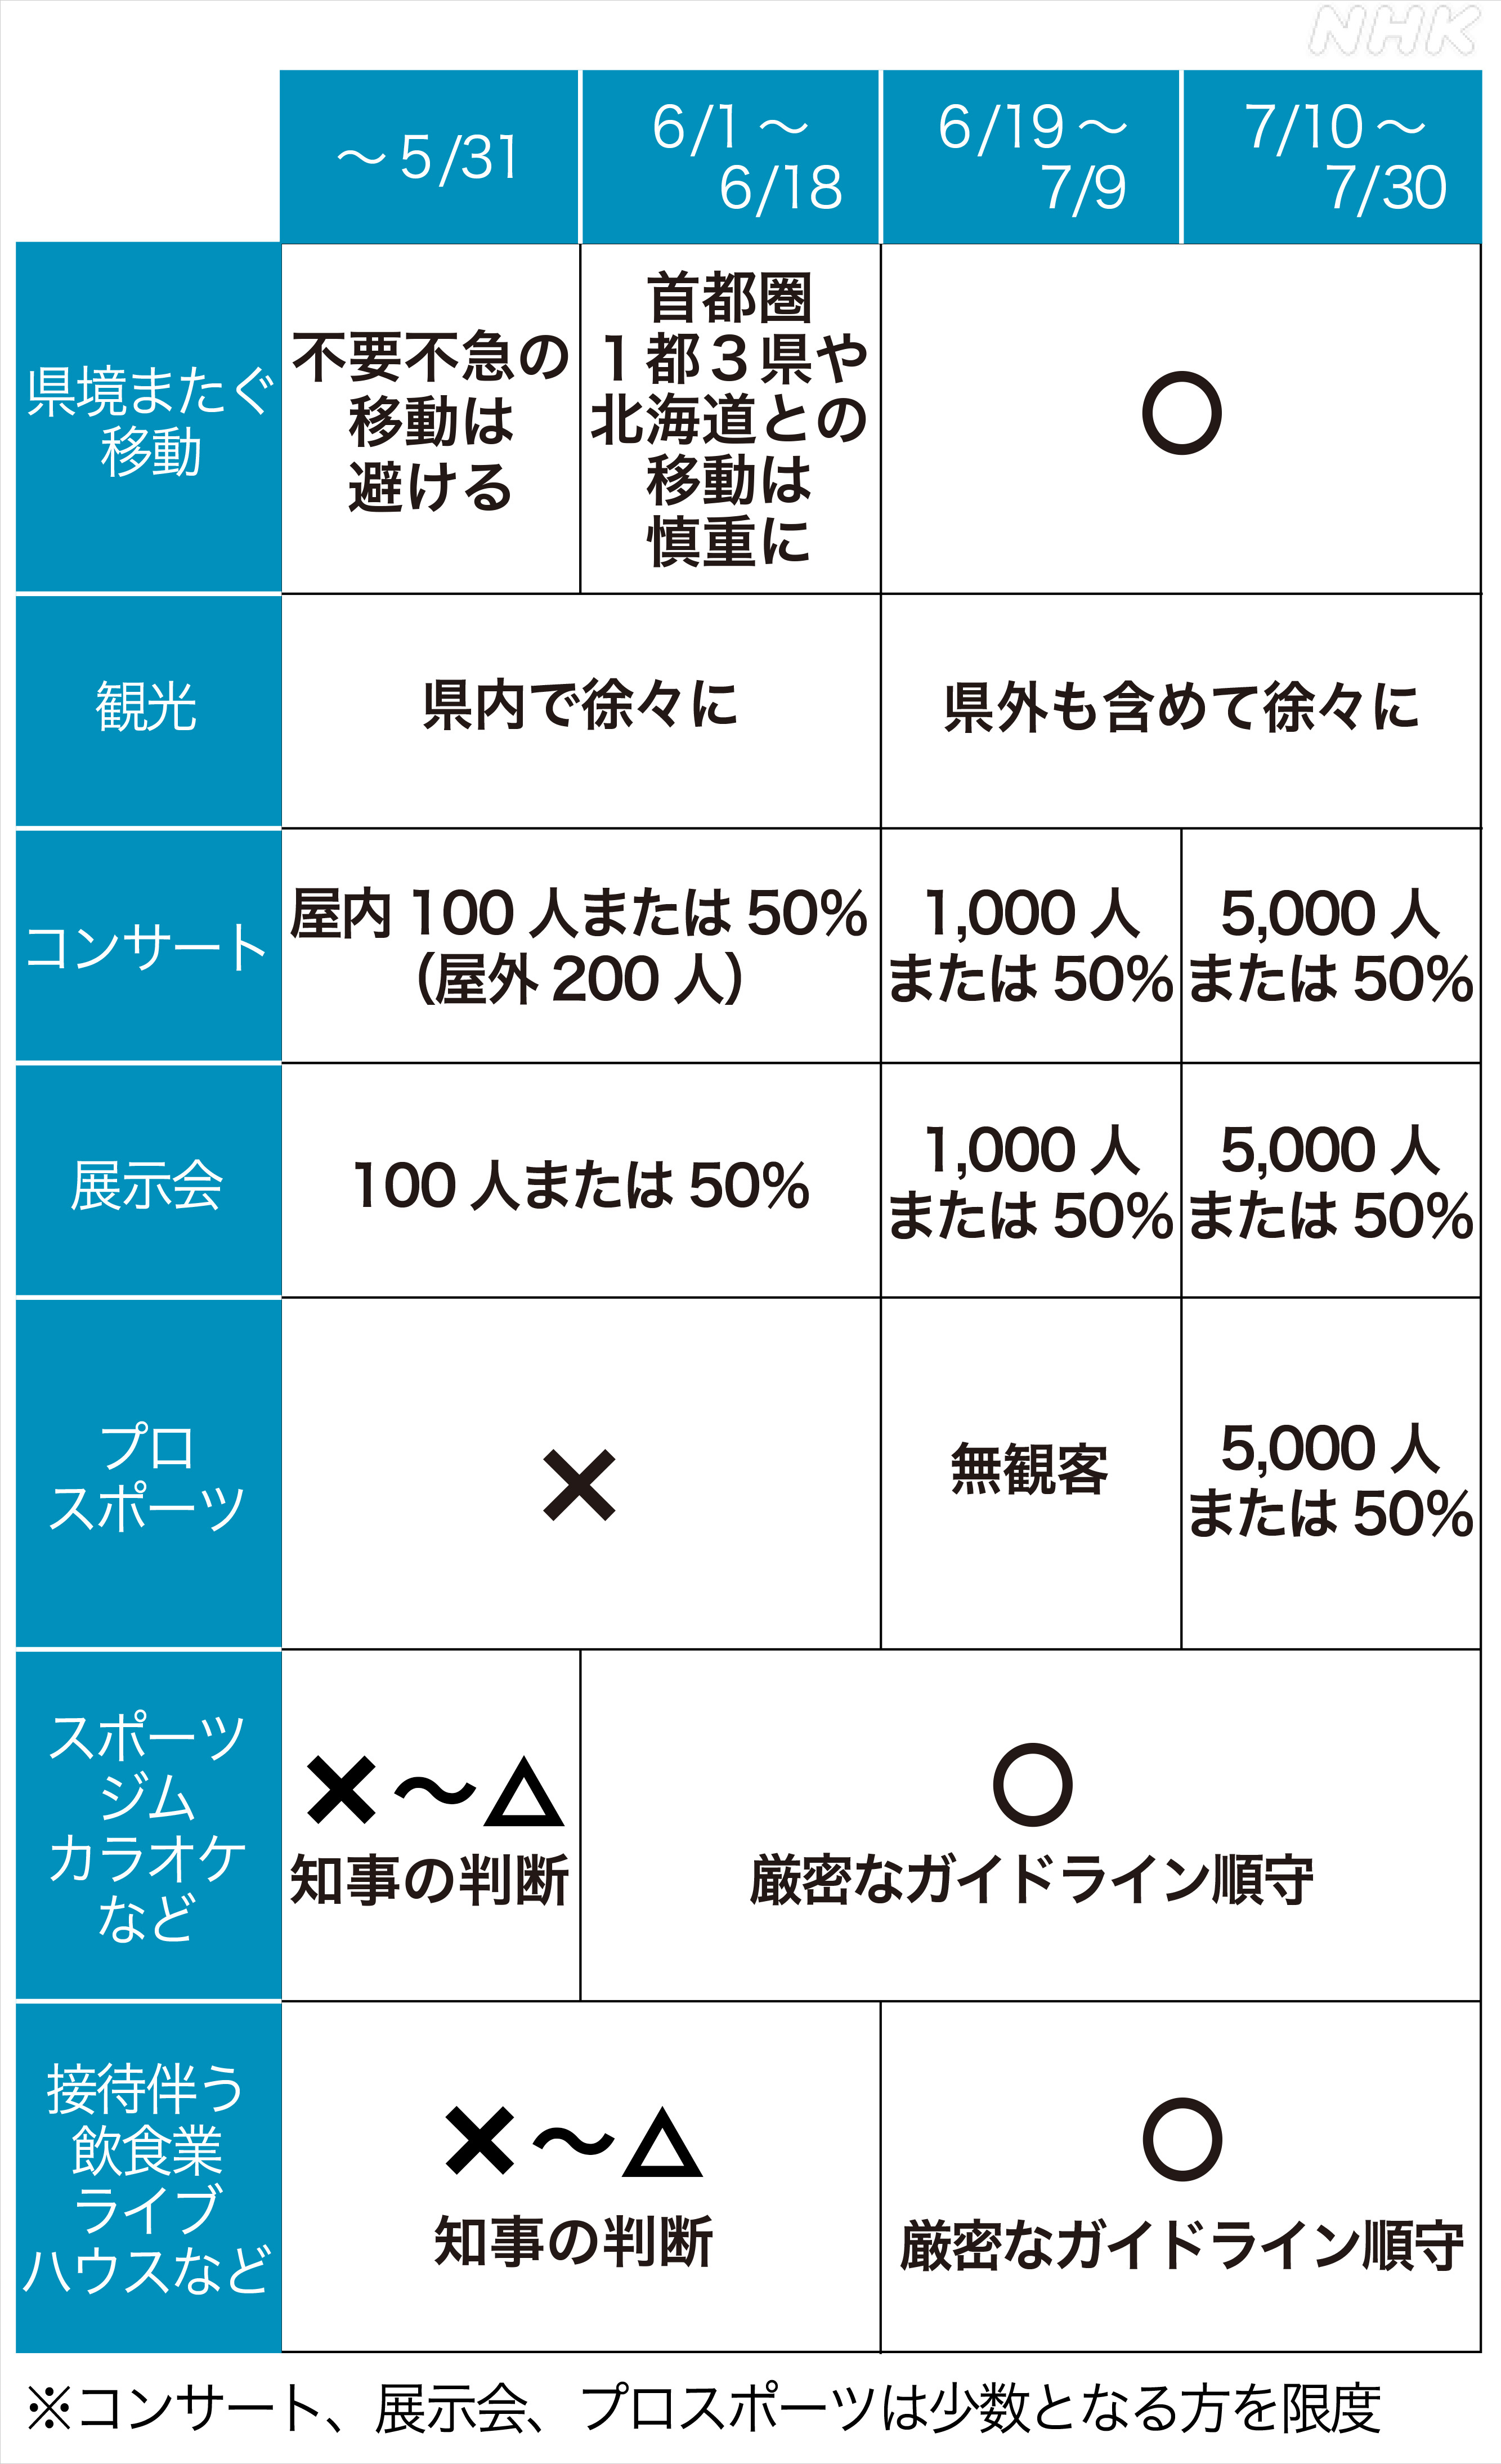 日本 コロナ 収束 時期 予想